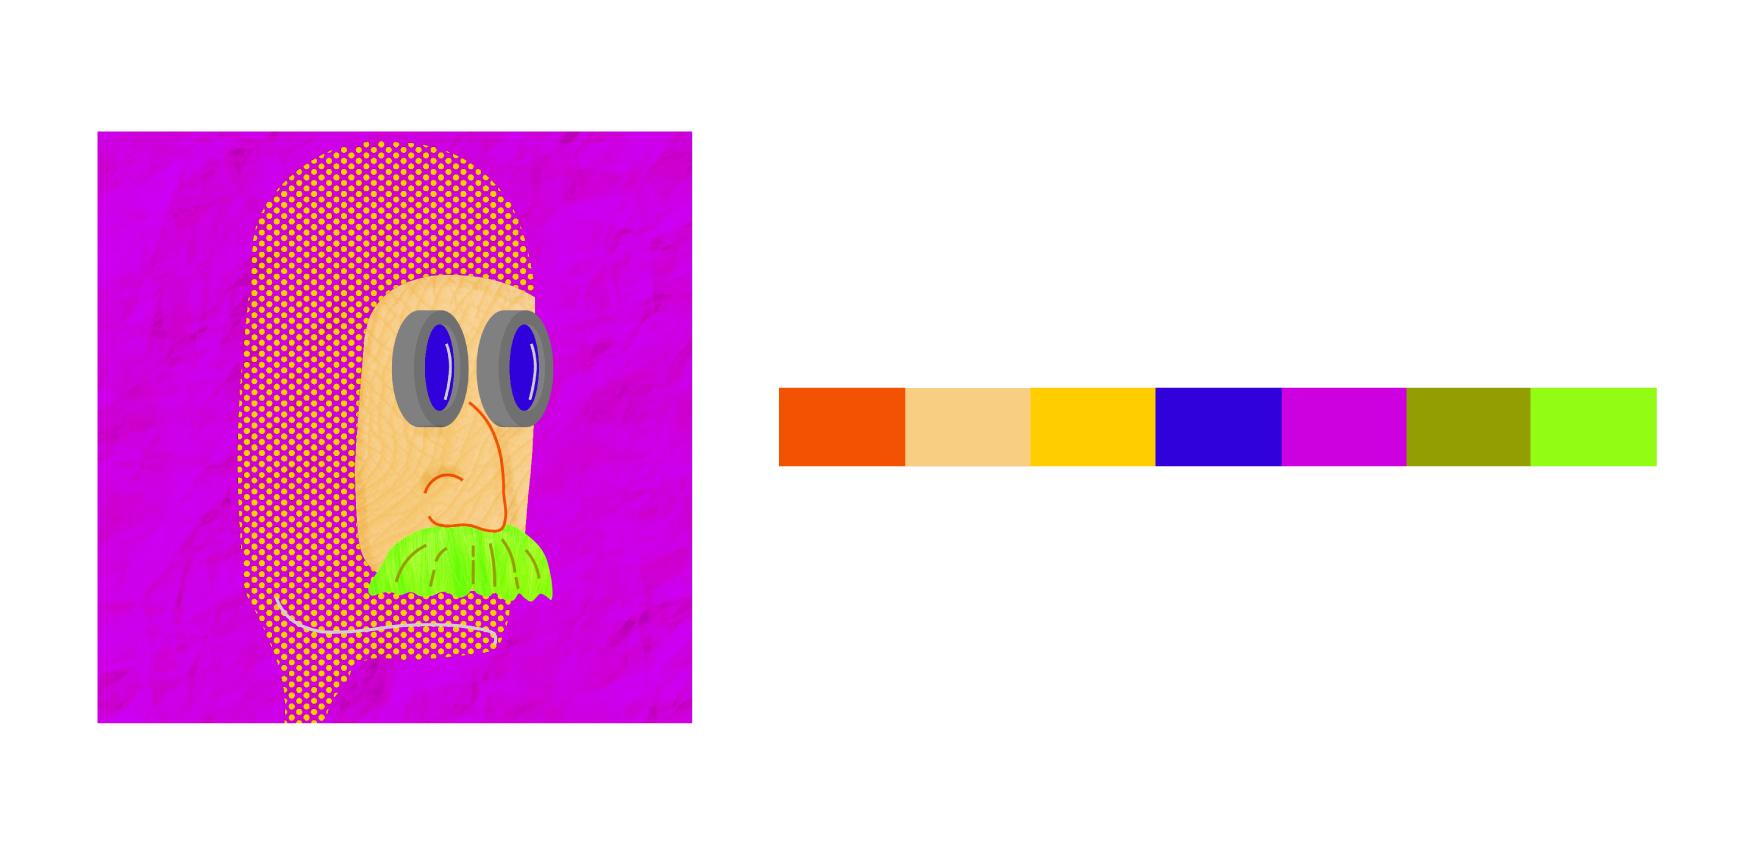 030 ARIEL VELASTEGUÍ the guy a partir de Warhol 2020-08